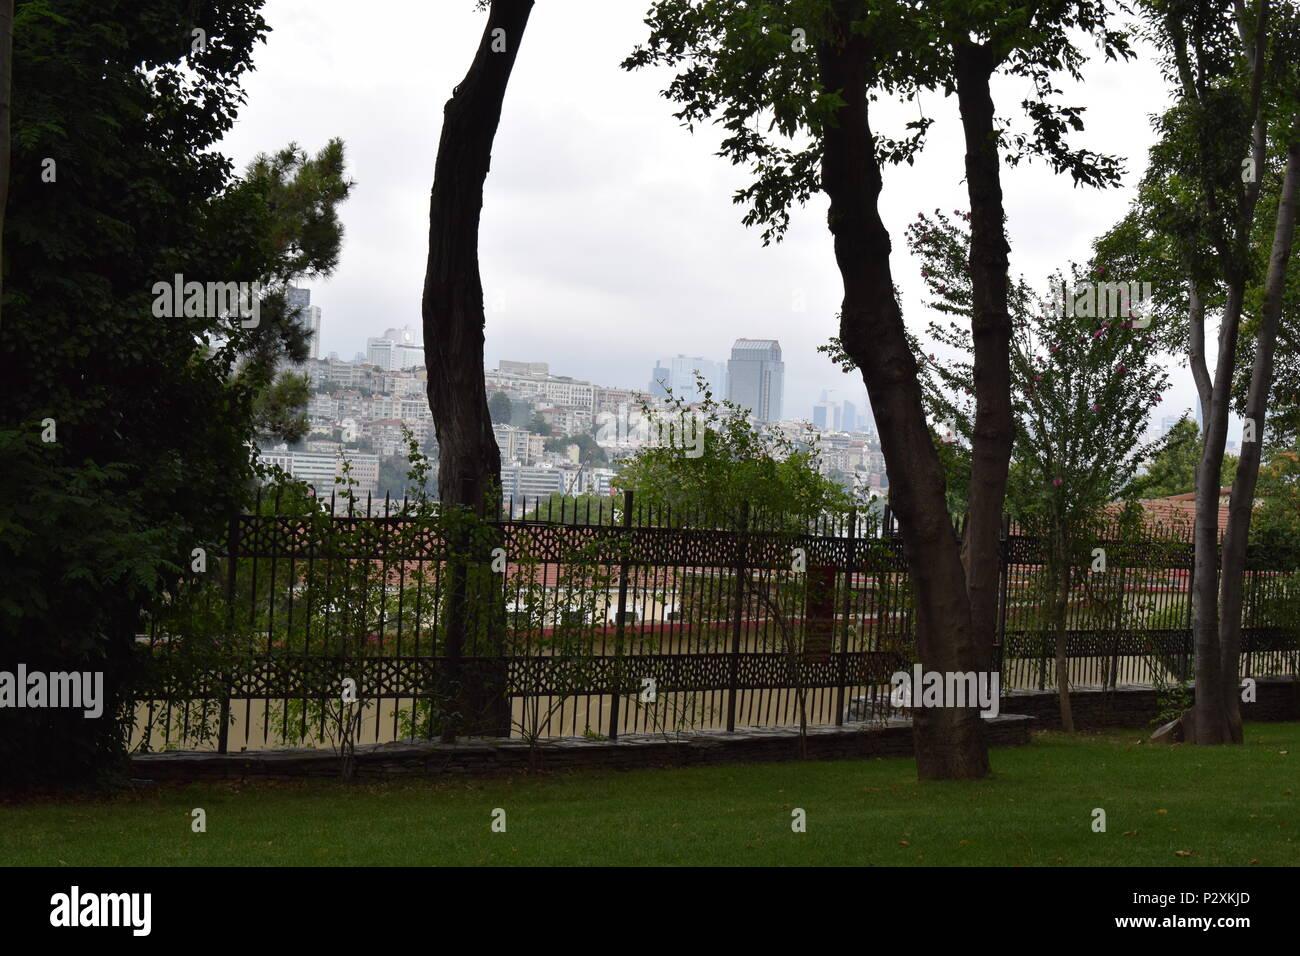 Blick auf die Stadt von Istanbul Park mit Bäumen, mit Blick auf die Stadt ist auf einem Nebel Zeit und nicht sehr klare Stockbild